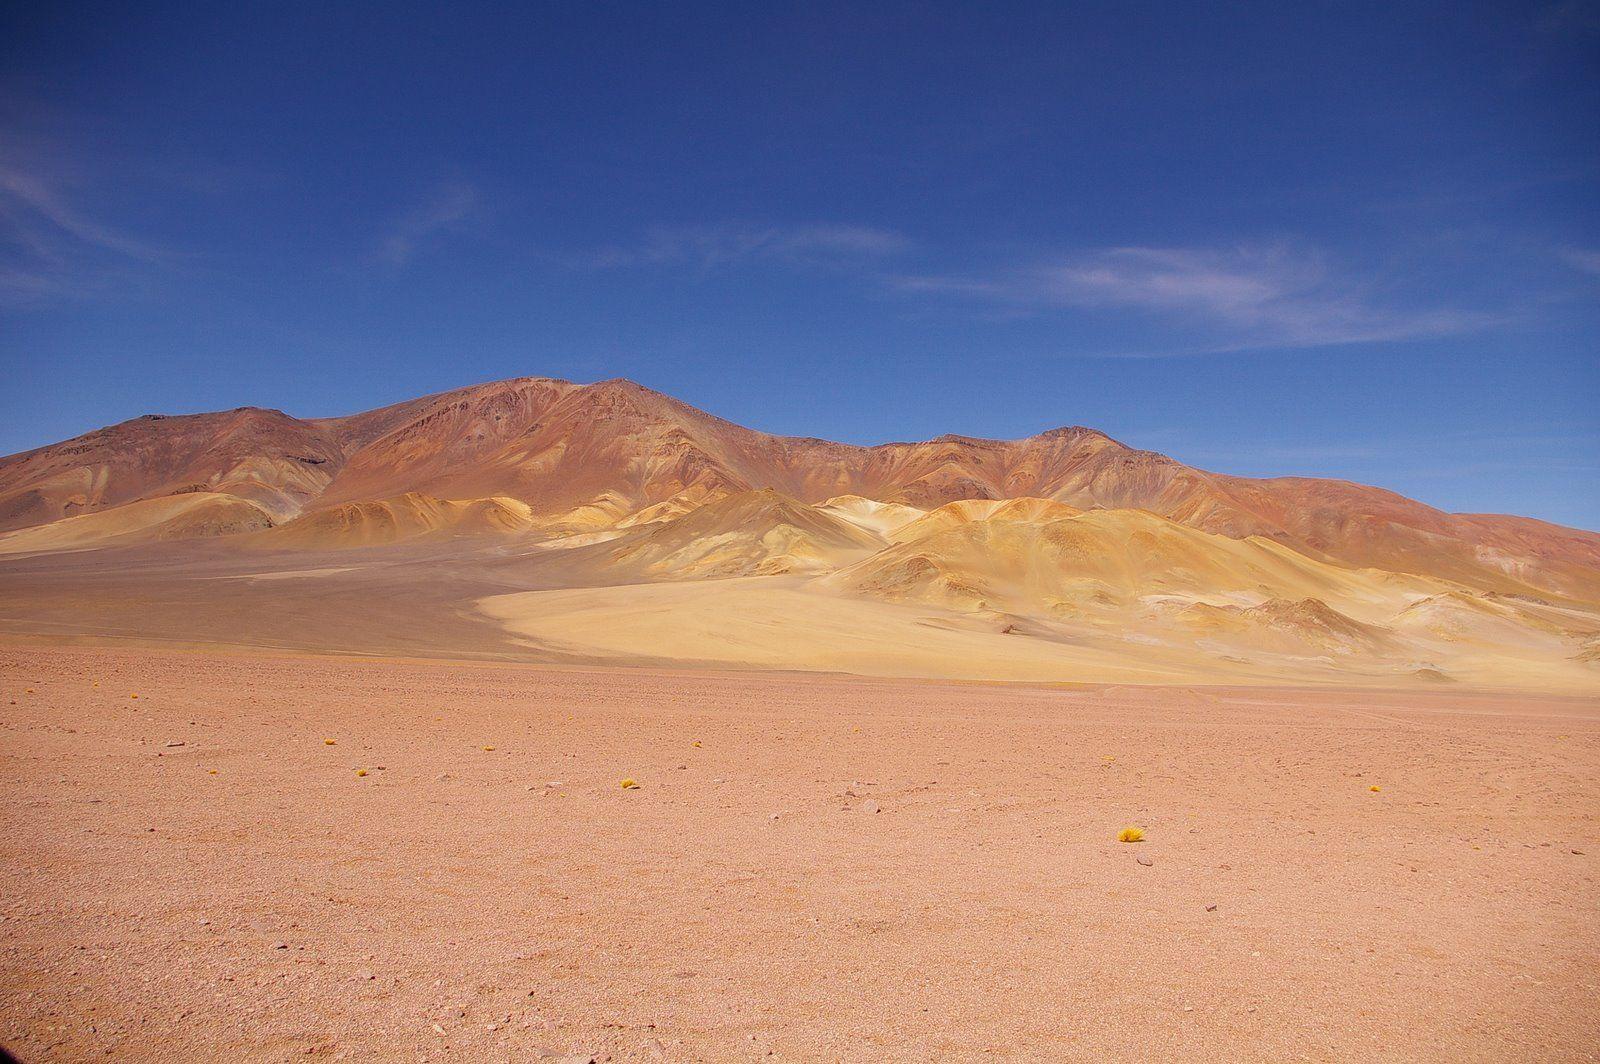 ¿A quién se le considera descubridor de Chile?